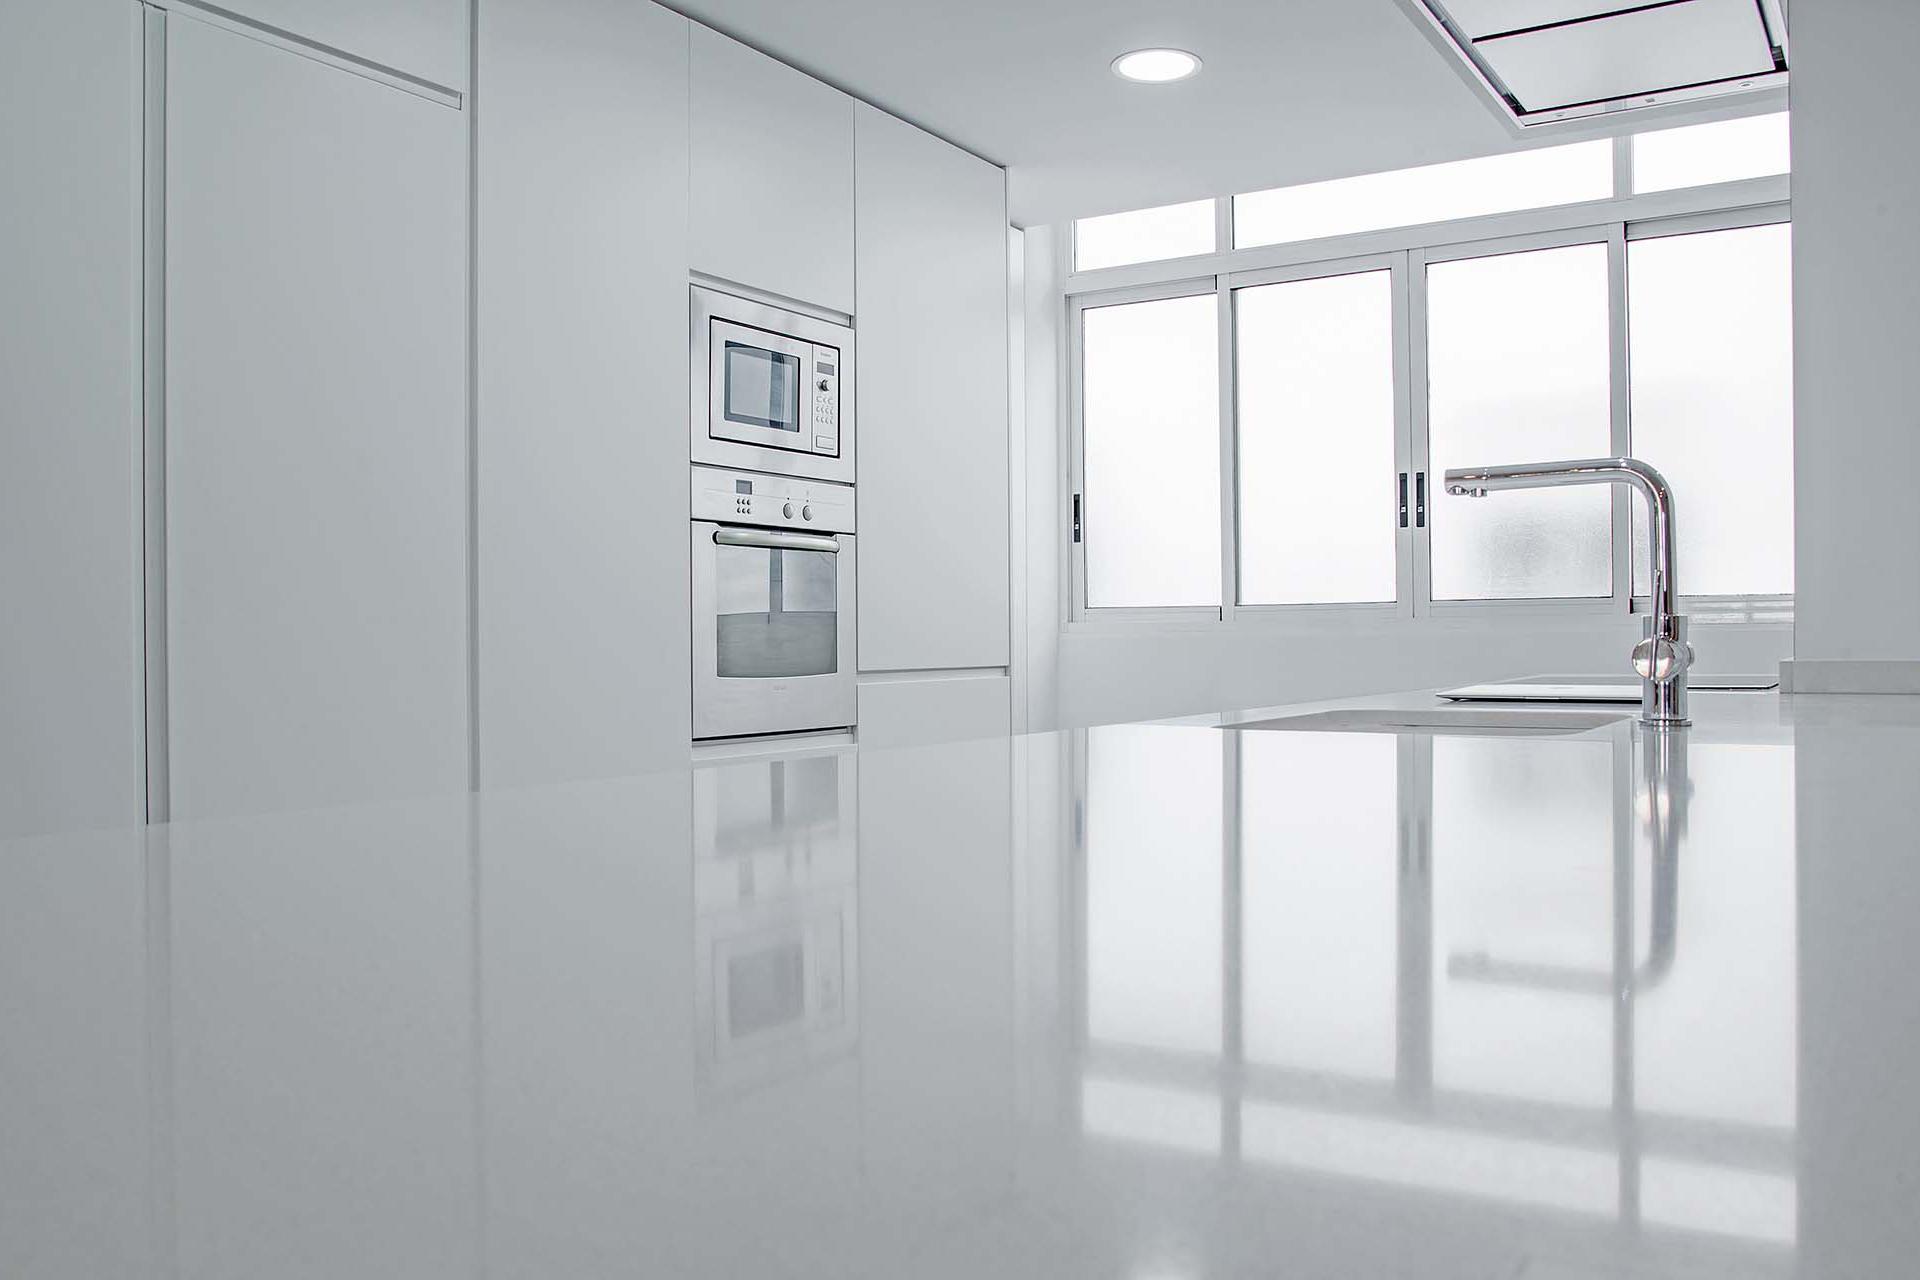 Cocina Blanca | HB Estudi d'Arquitectura